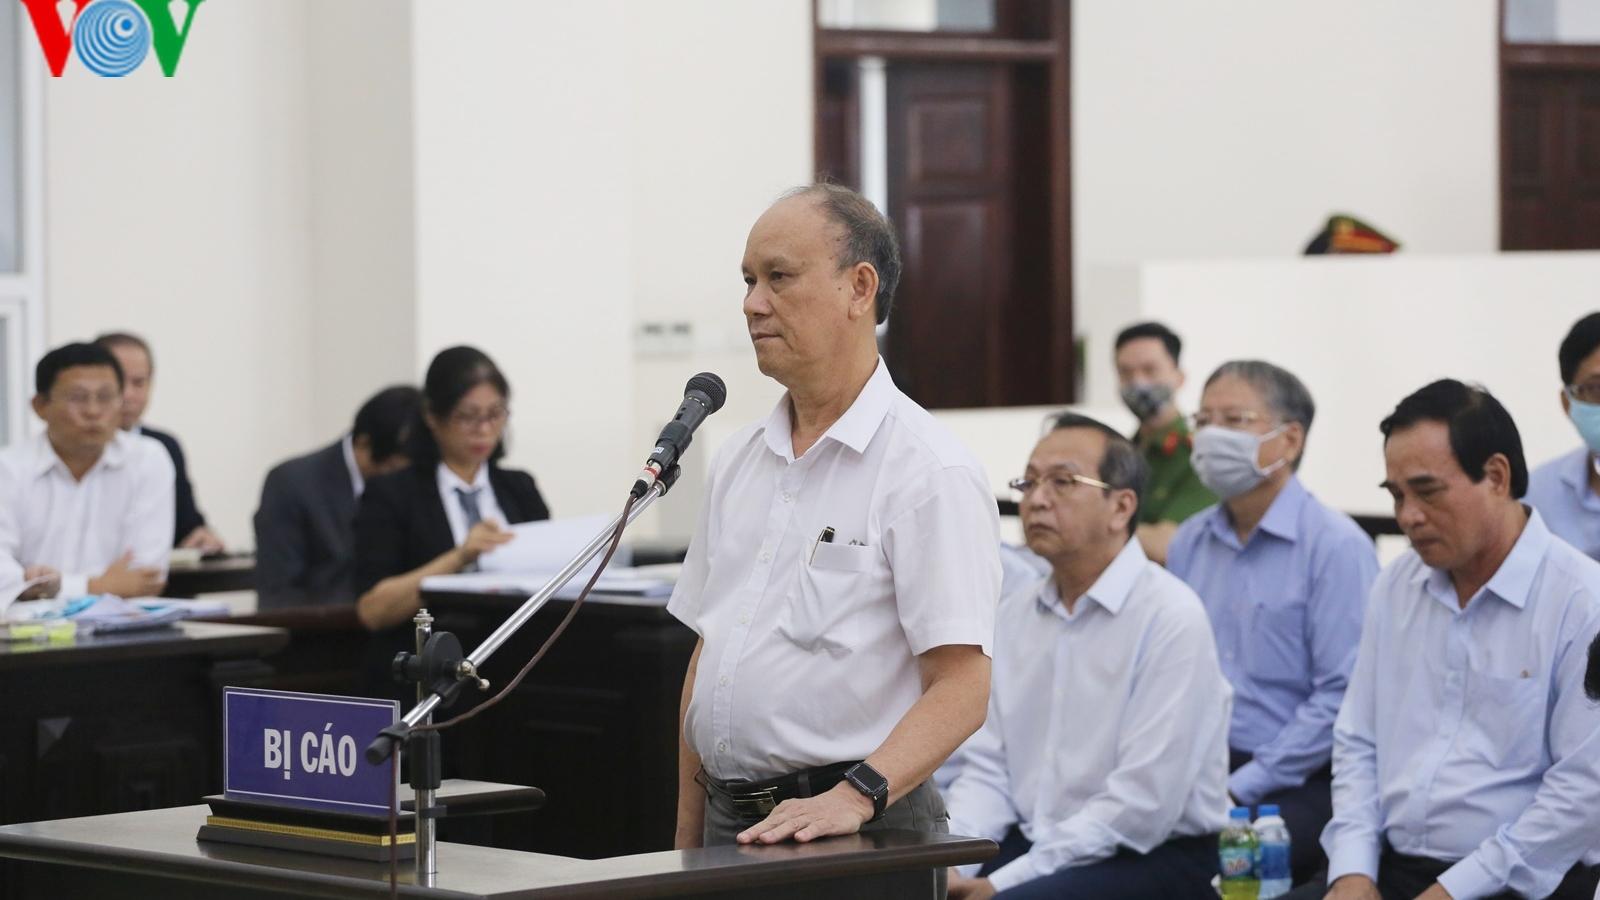 """Nói lời sau cùng, cựu Chủ tịch Đà Nẵng khẳng định """"làm vì lợi ích chung"""""""